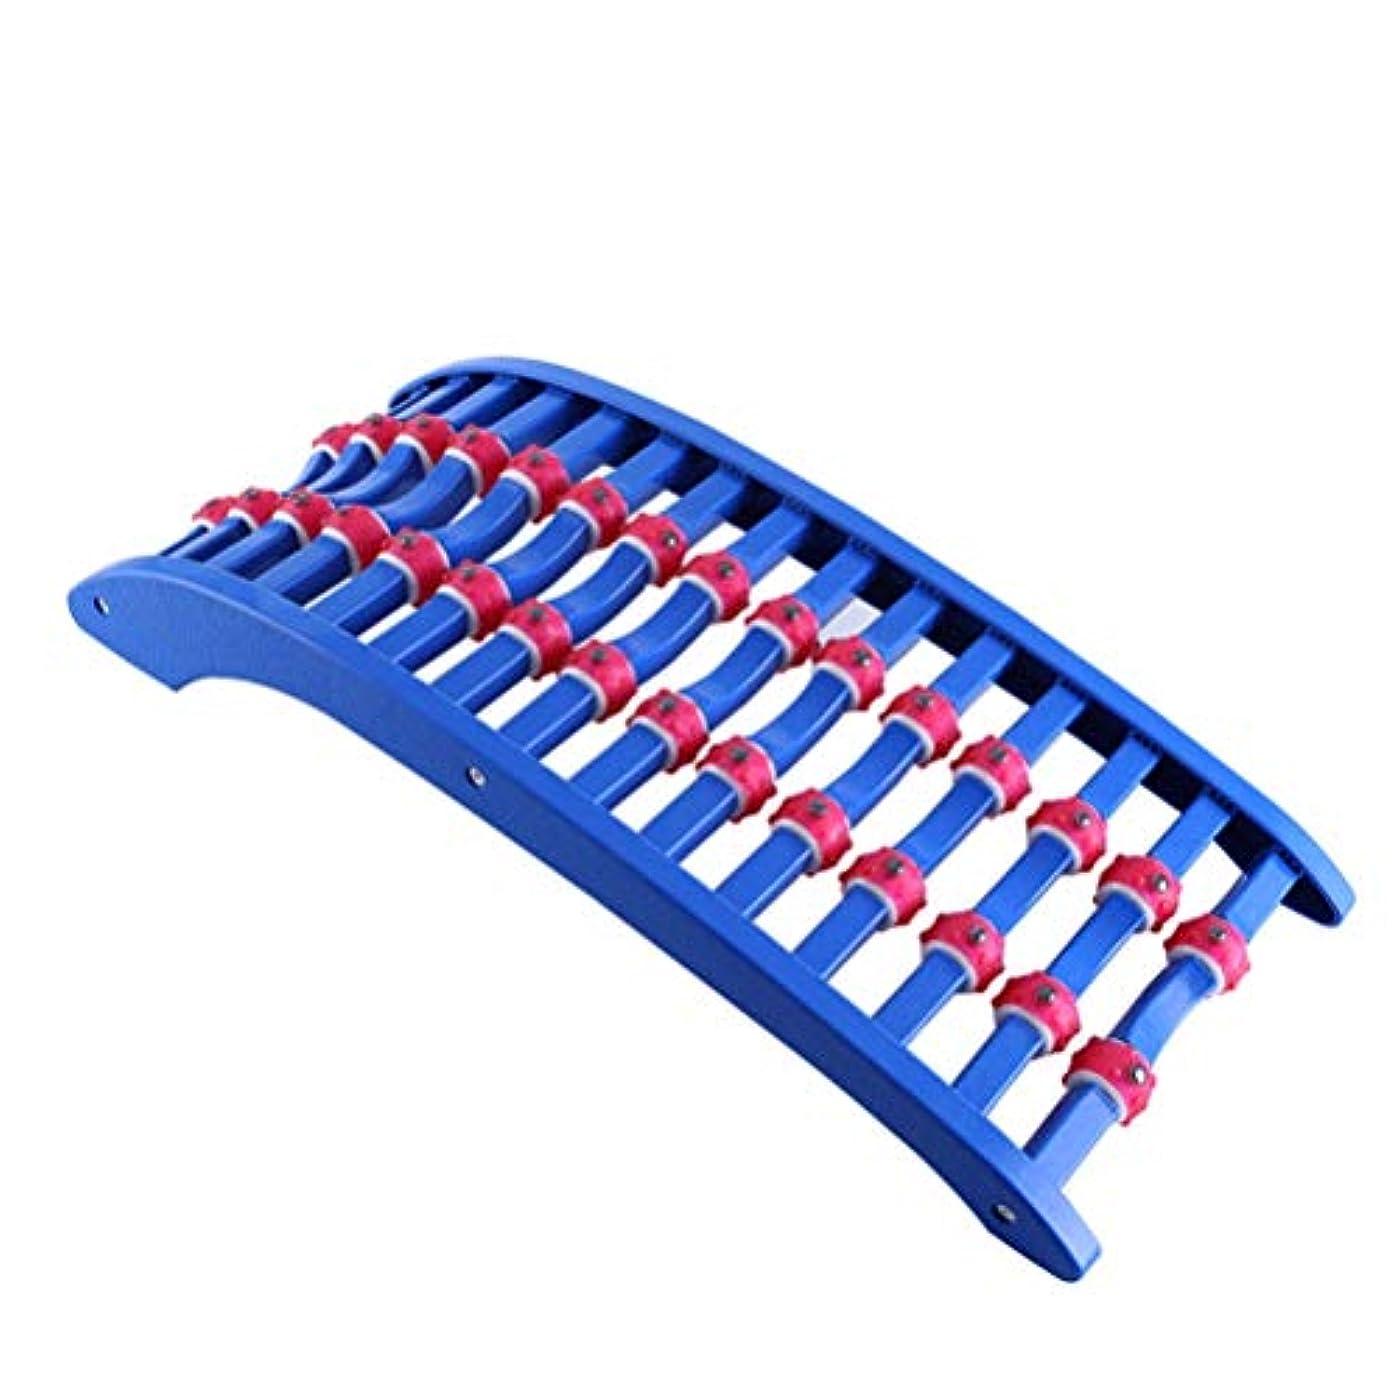 地殻ヨーロッパ寄付バックストレッチャー バックマッサージストレッチメイト整形外科バックストレッチャー 背骨を改善します寝るだけ簡単 ストレッチ